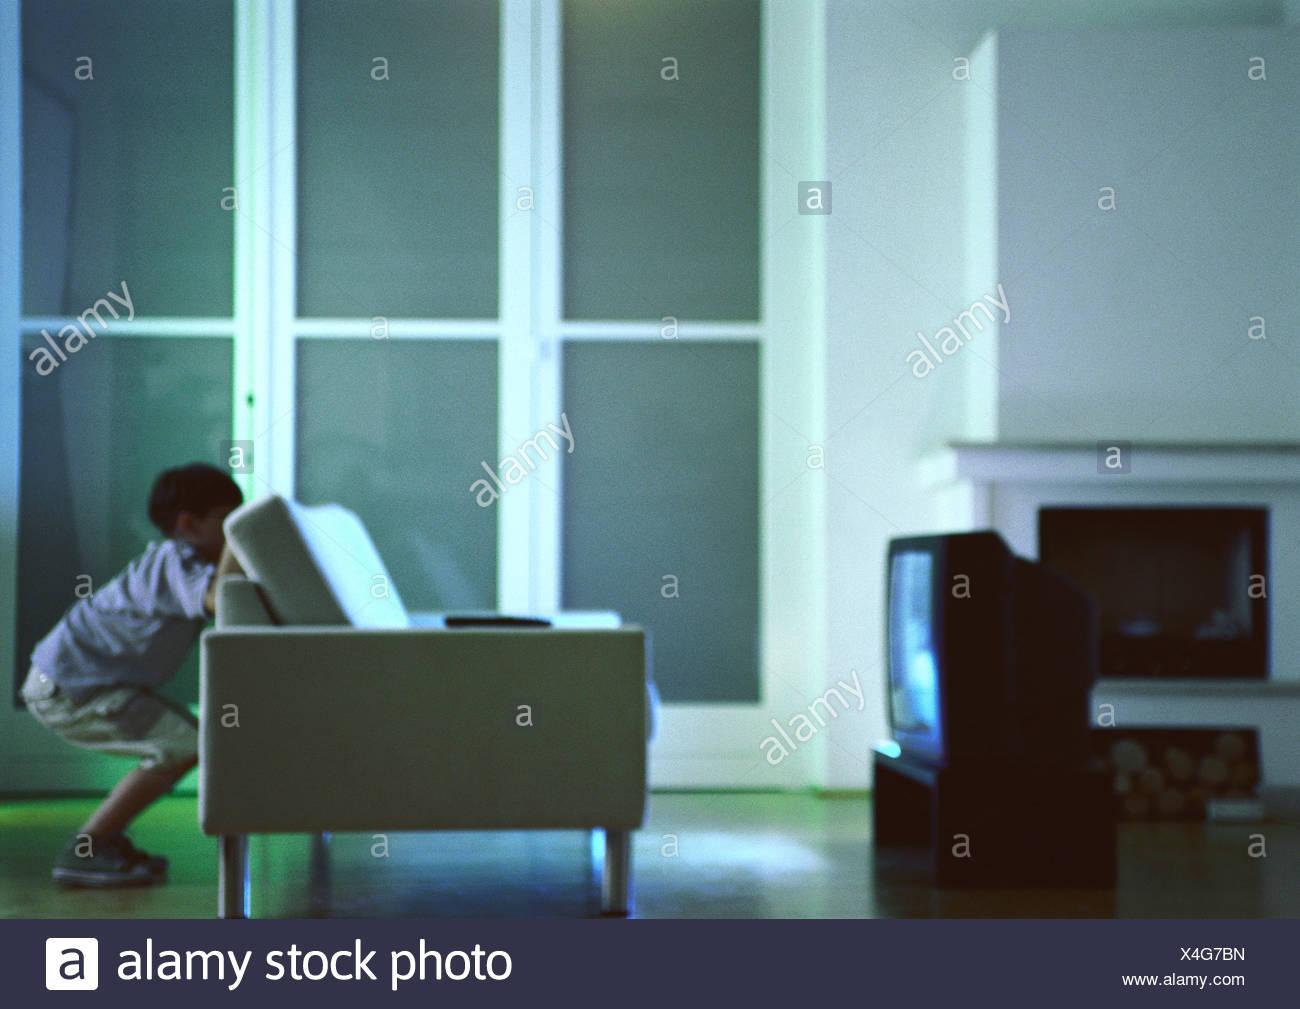 petit garcon de se cacher derriere un canape peering over oreillers a la television vue laterale